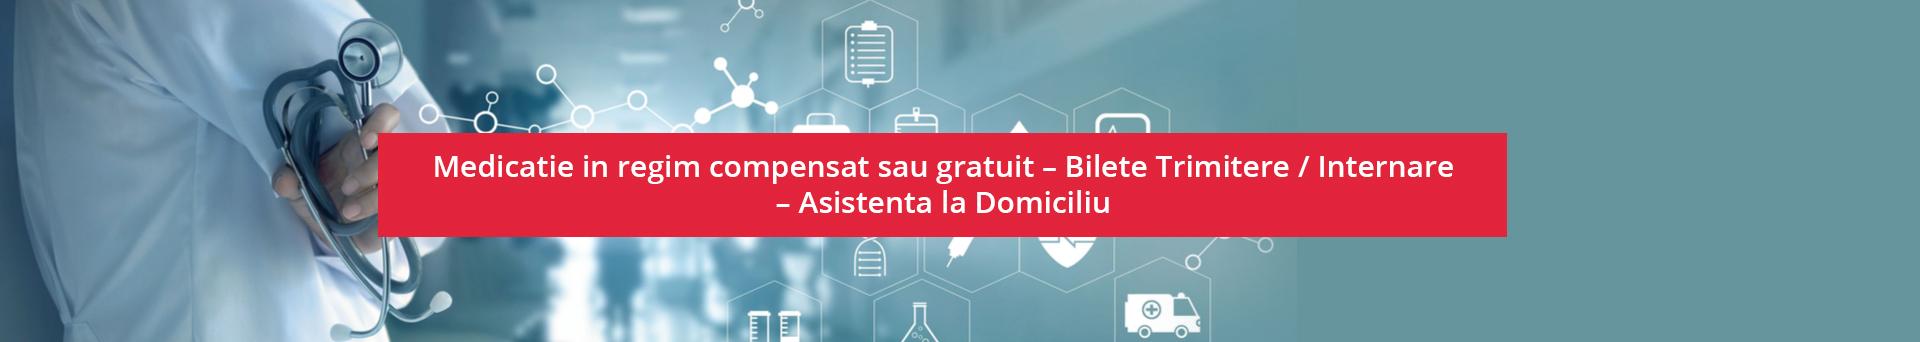 Medicatie in regim compensat sau gratuit – Bilete Trimitere / Internare – Asistenta la Domiciliu